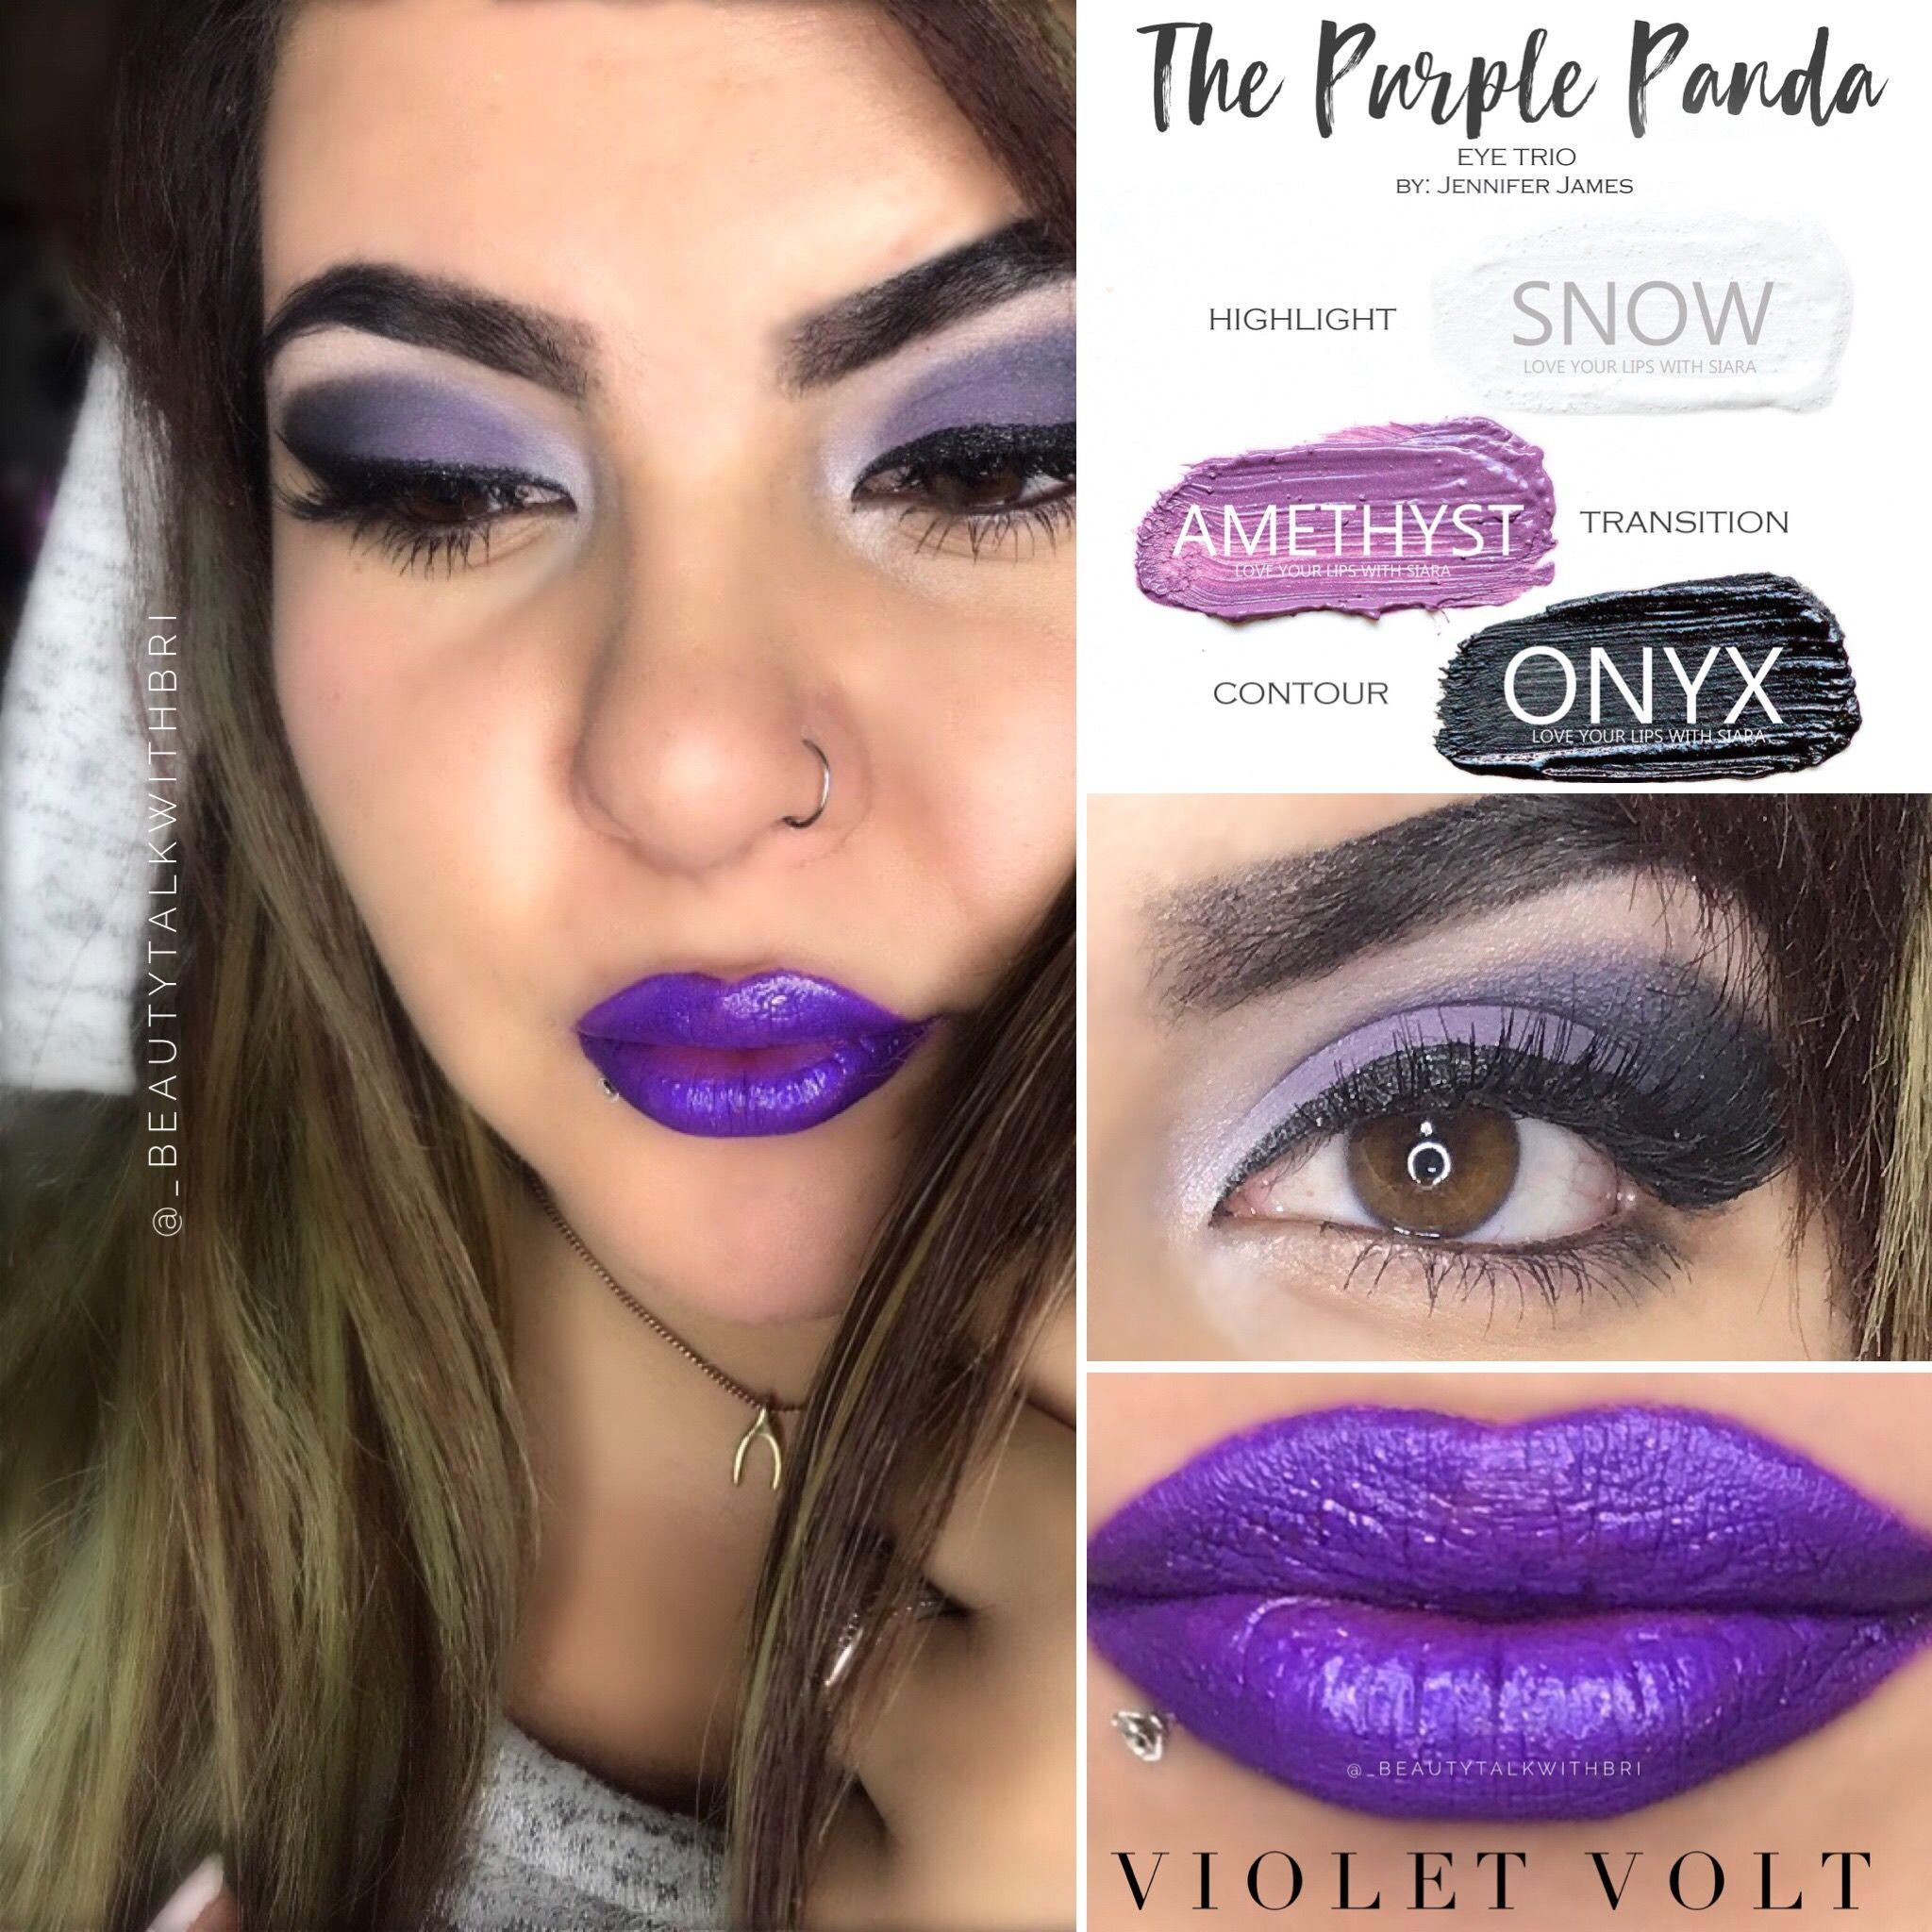 Shadowsense Amethyst Onyx Snow Violet Volt Lipsense